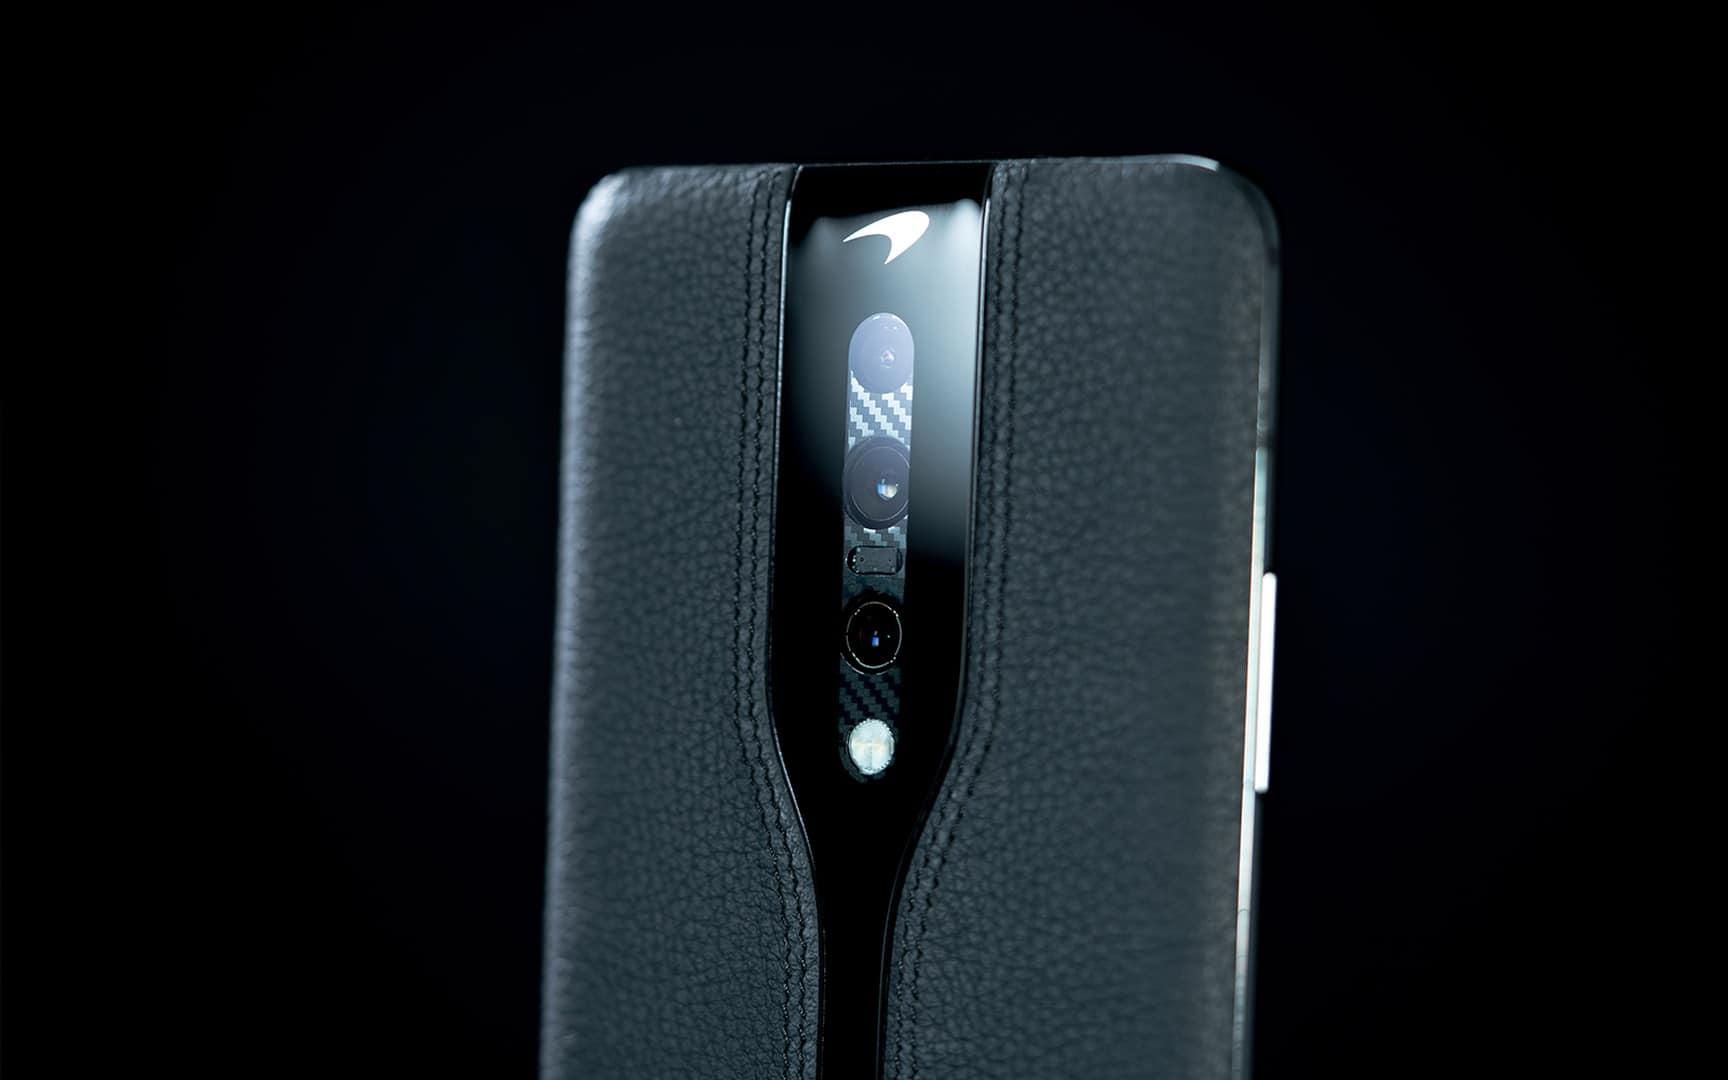 OnePlus Concept One black prototype image 2